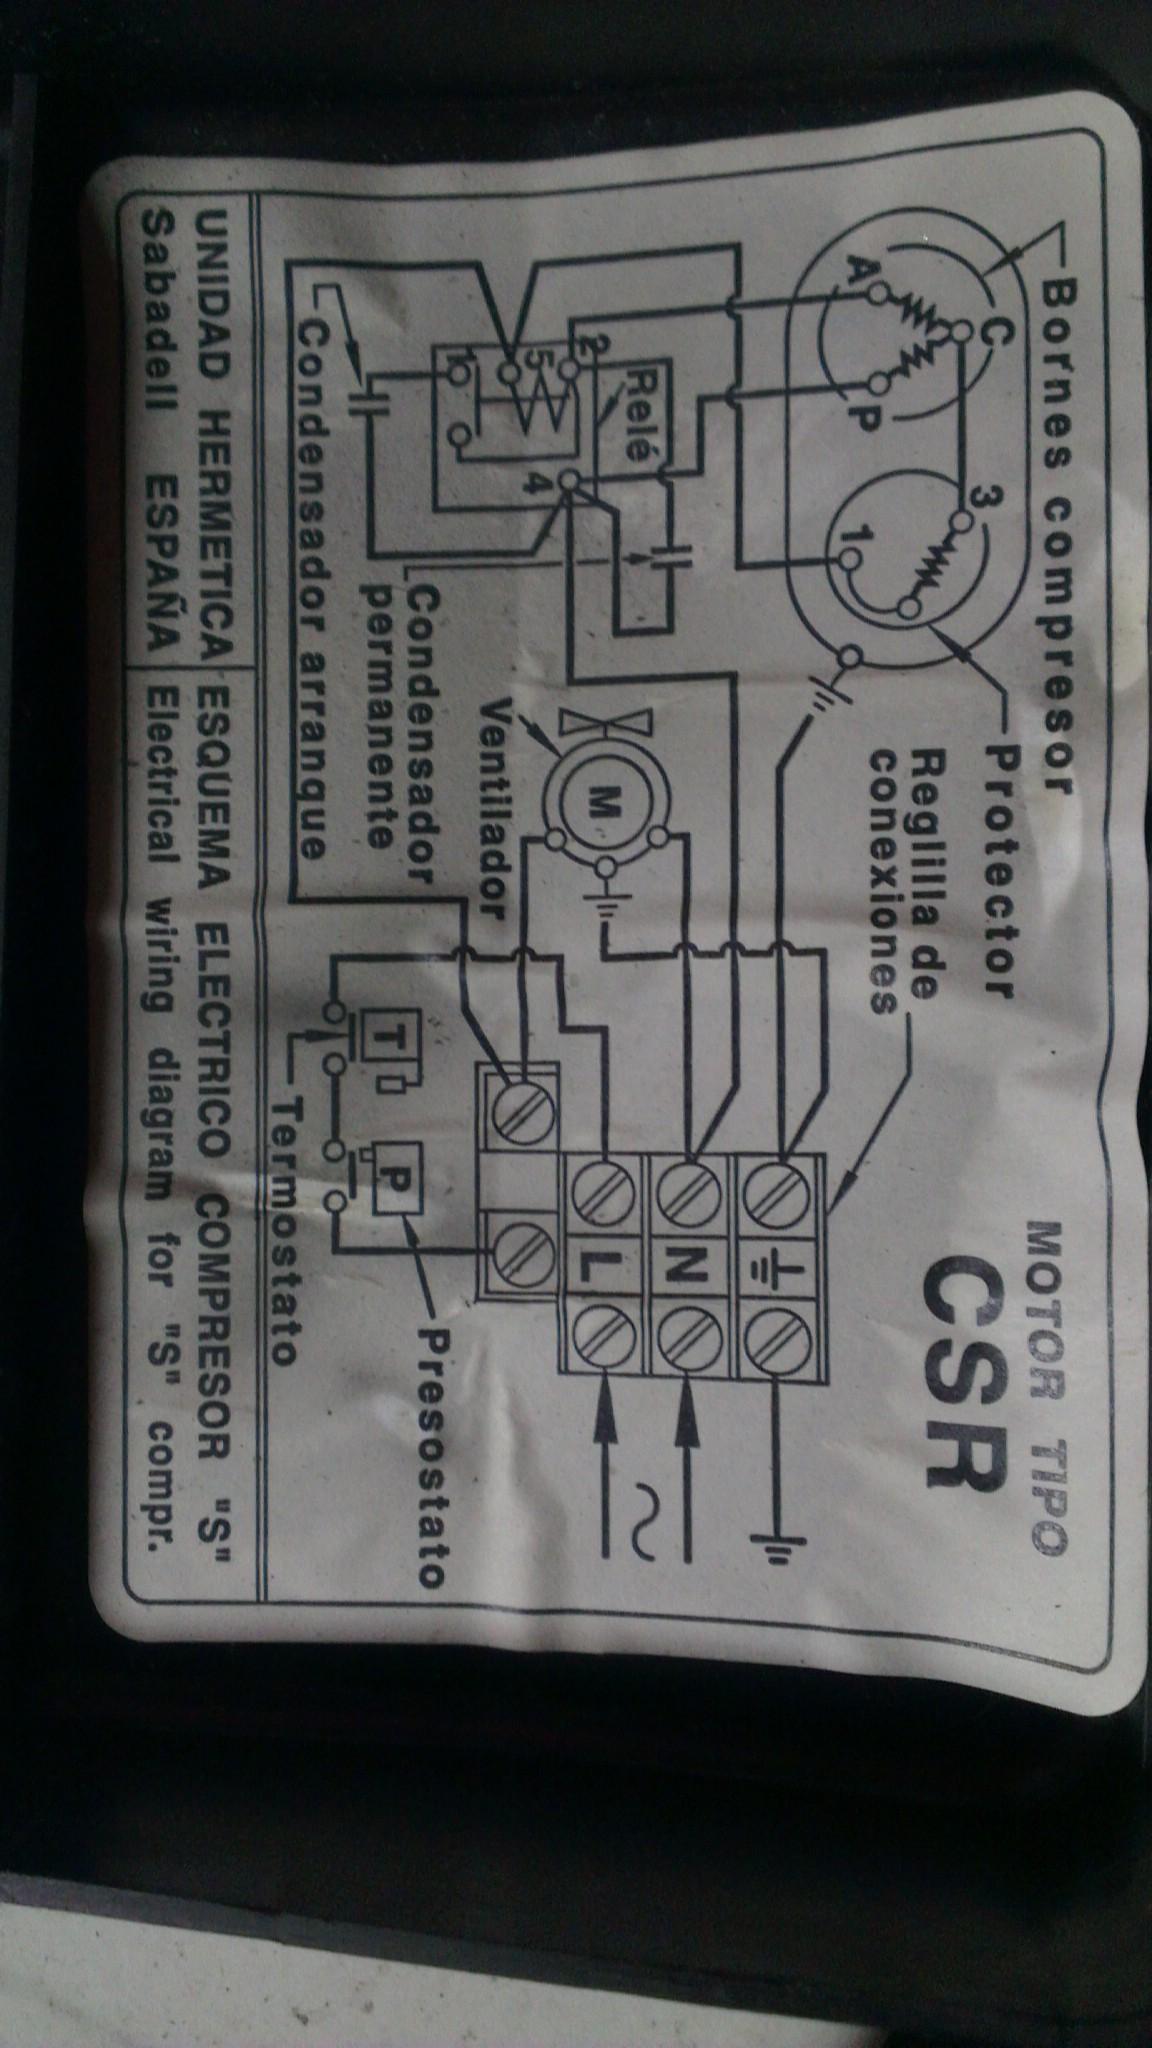 Silnik jednofazowy - uszkodzony kondensator roboczy